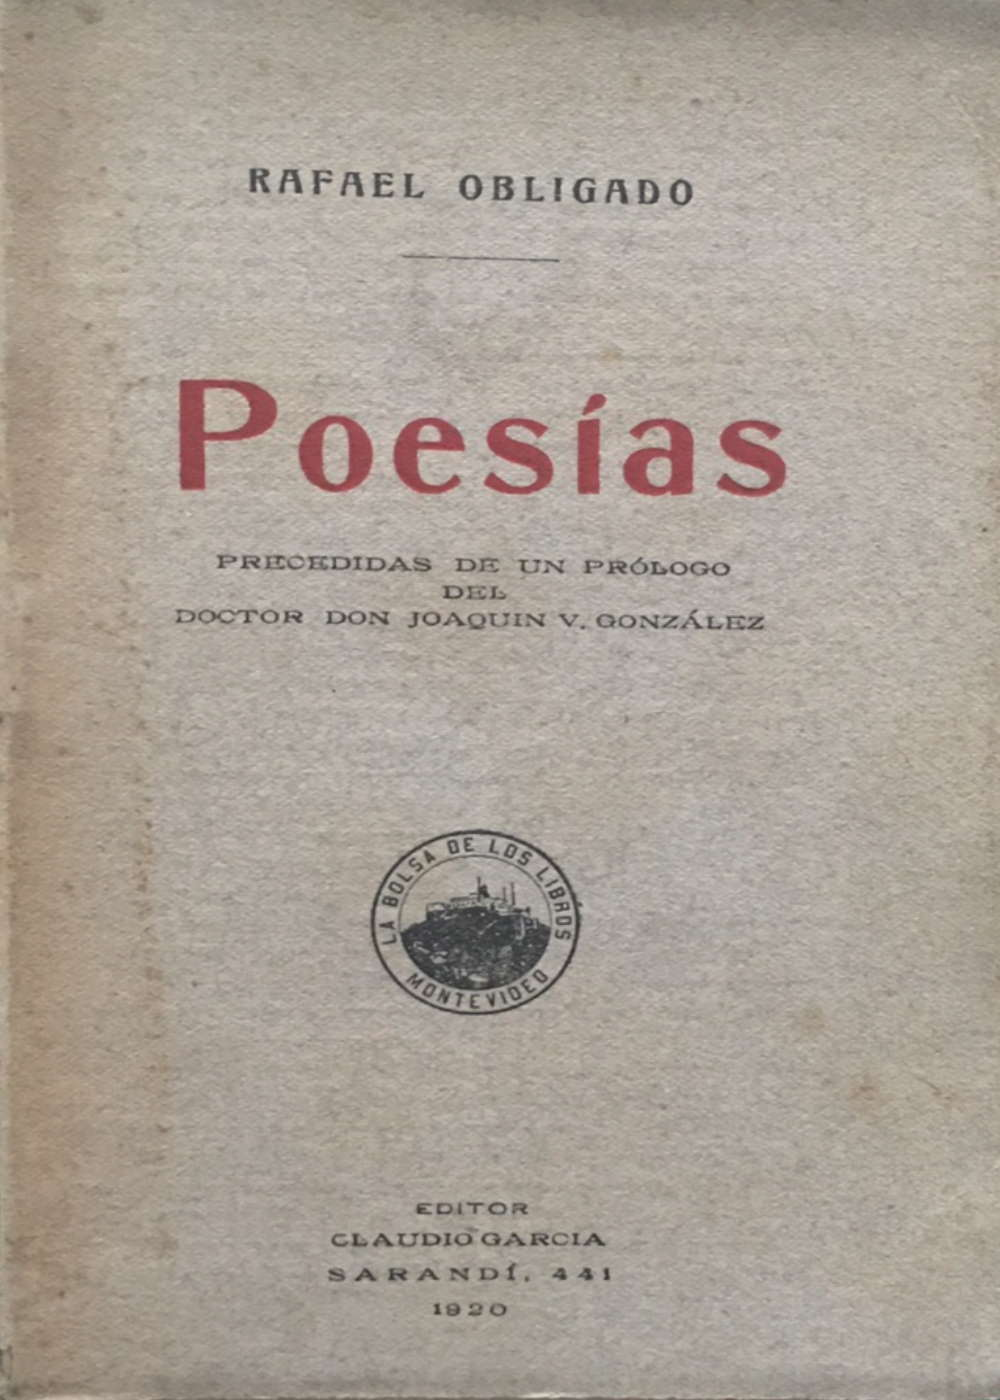 Poesías de Rafael Obligado